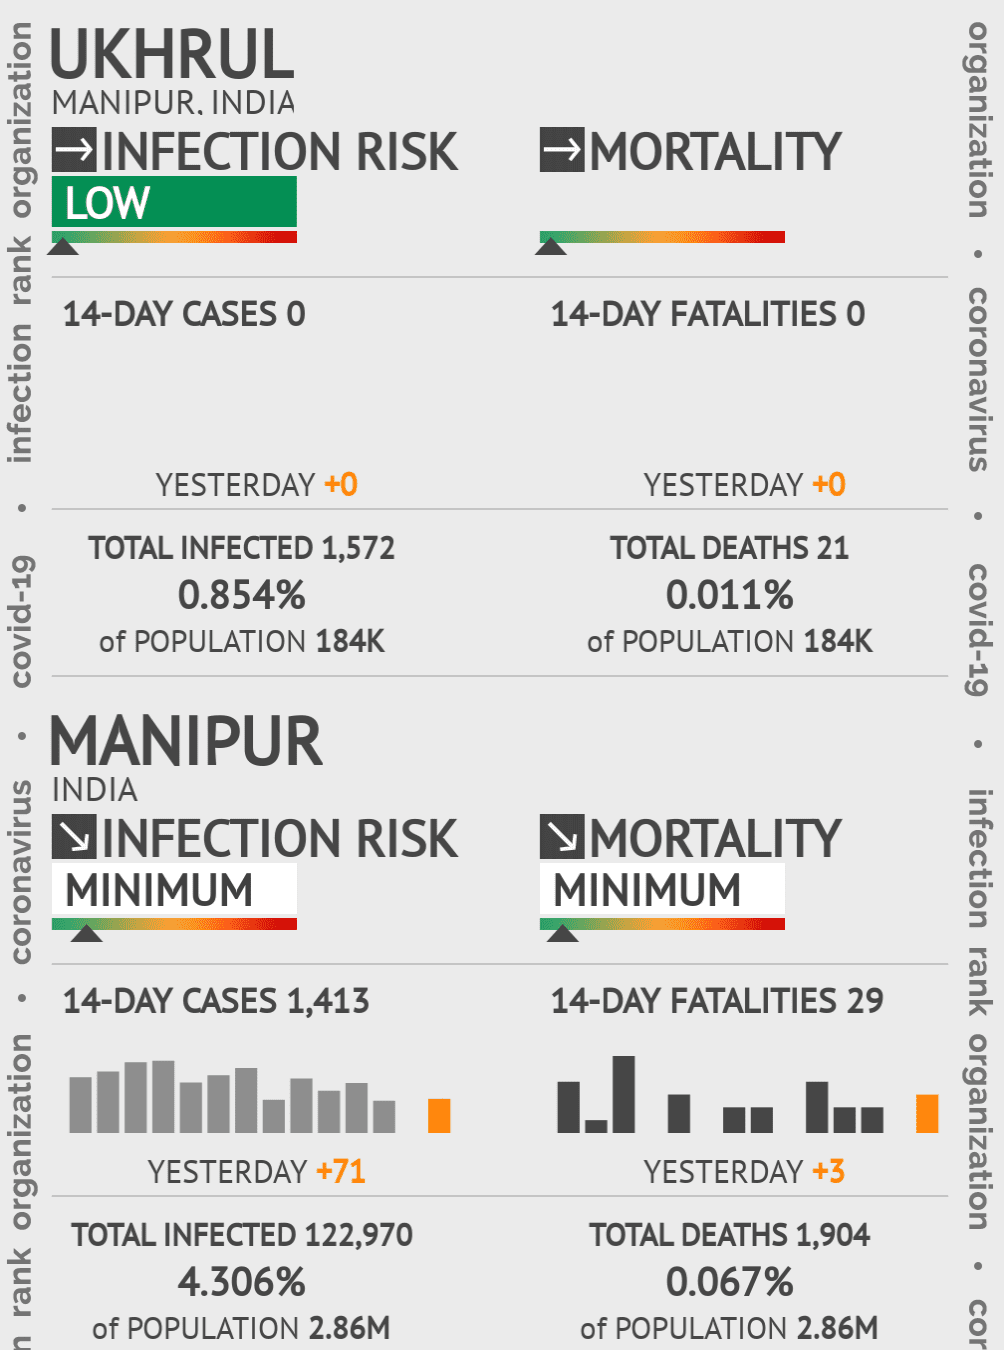 Ukhrul Coronavirus Covid-19 Risk of Infection on February 28, 2021